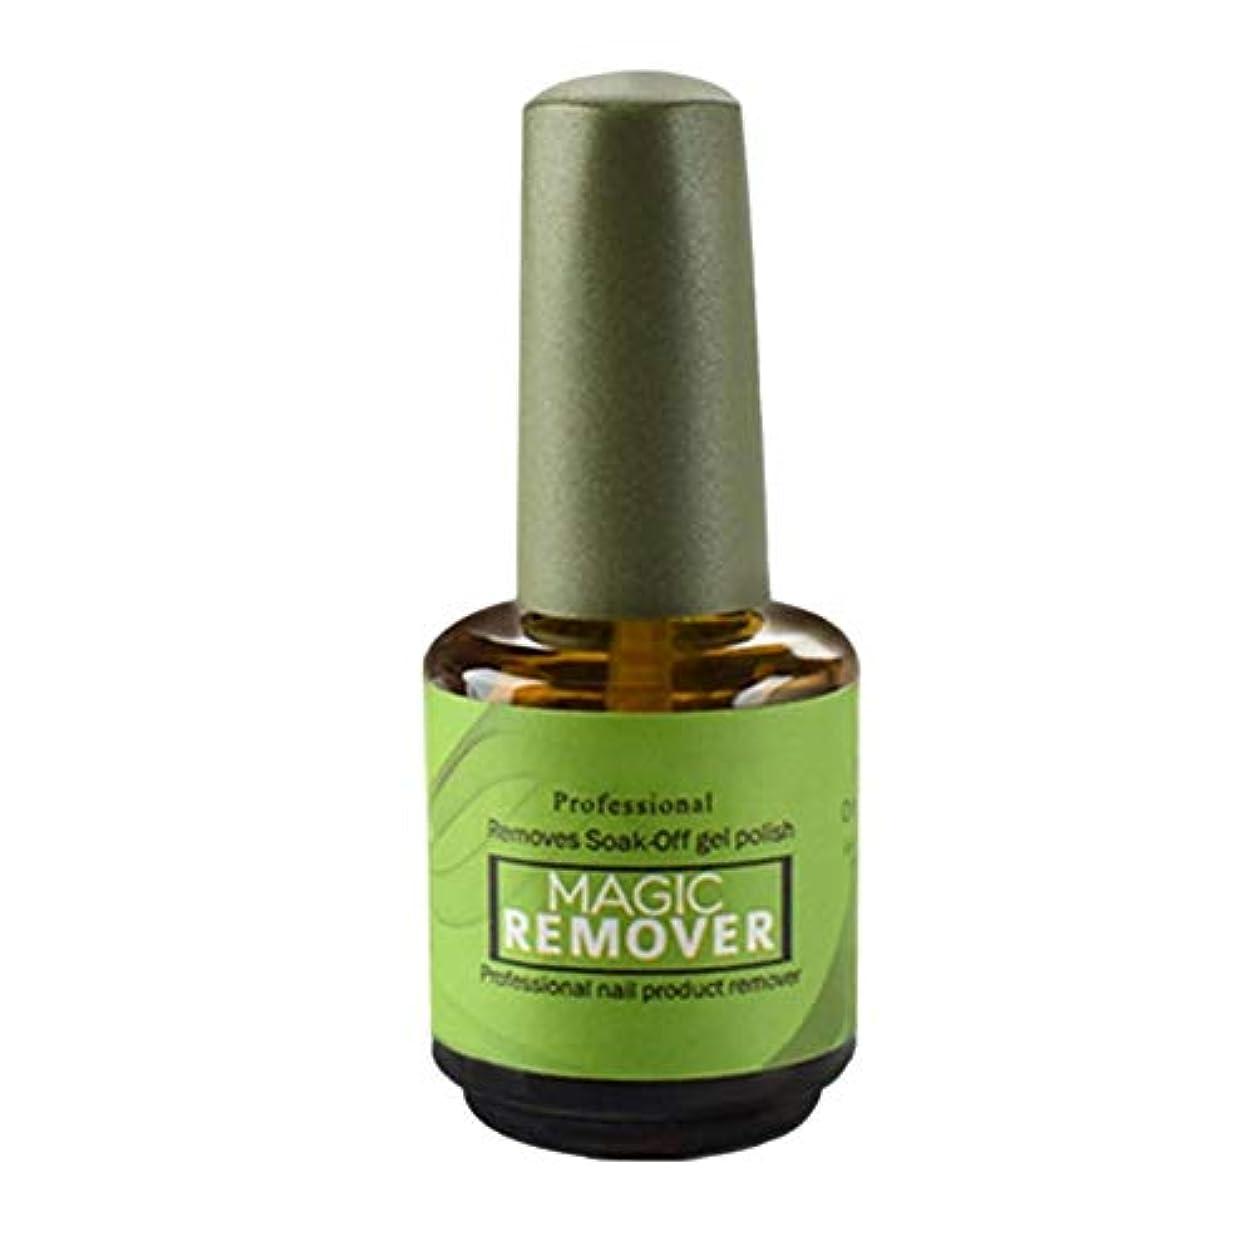 特徴づけるデンマーク語独立してLambowo マジックリムーバーがネイルポリッシュを拭き取ると、ジェルプロフェッショナルバーストクリーン脱脂剤が除去されます